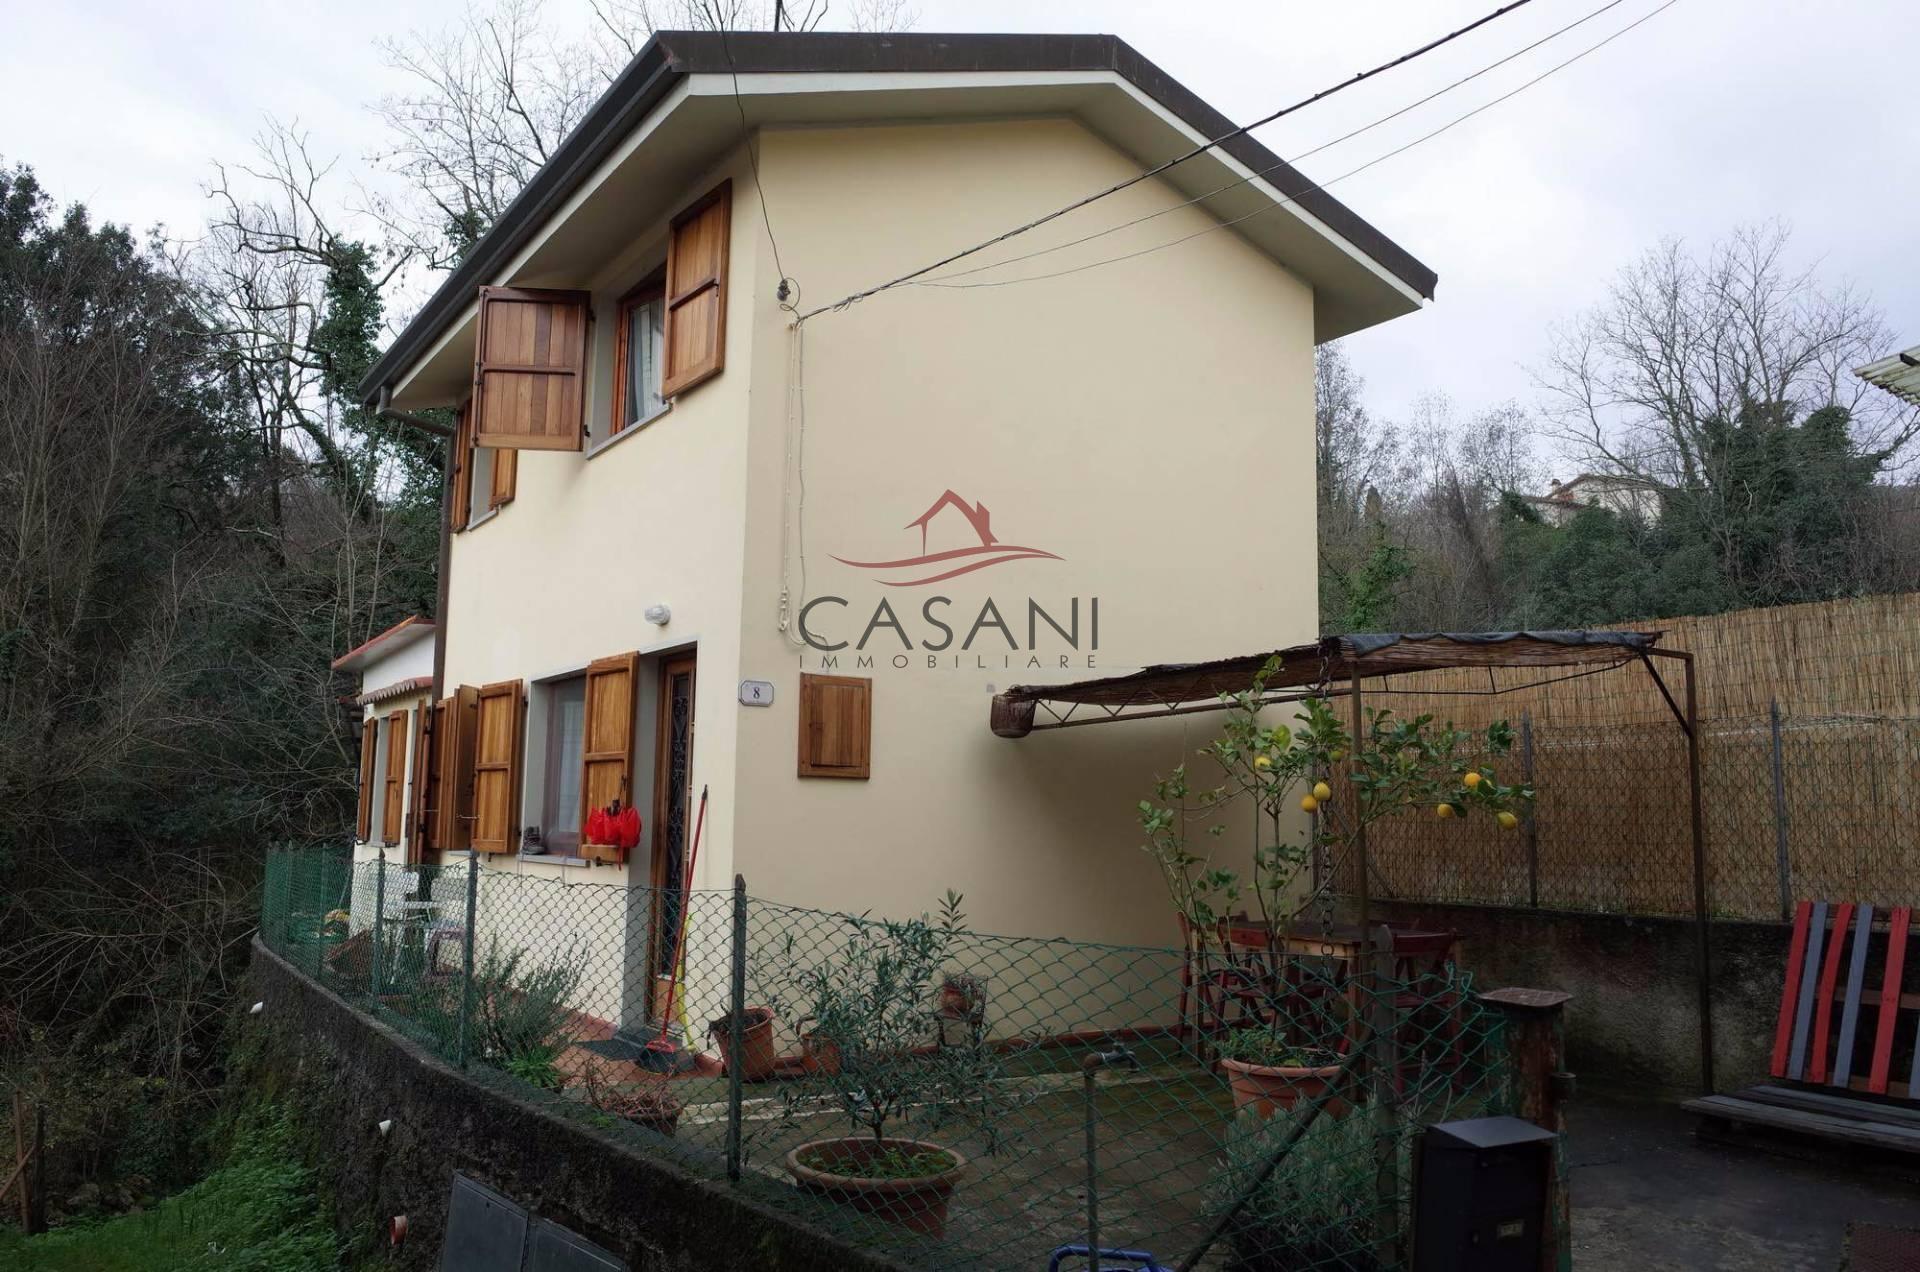 Rustico in vendita a camaiore cod 032 - Acquisto prima casa al rustico ...